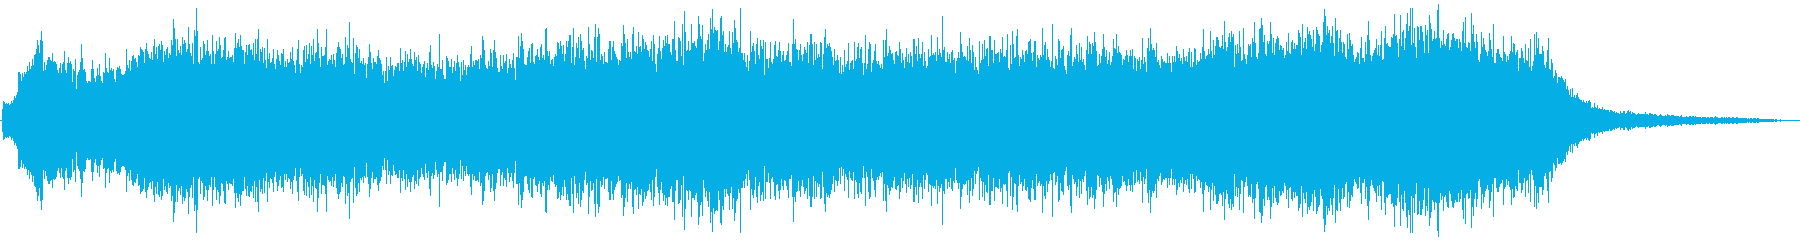 PADS エラティック01の再生済みの波形